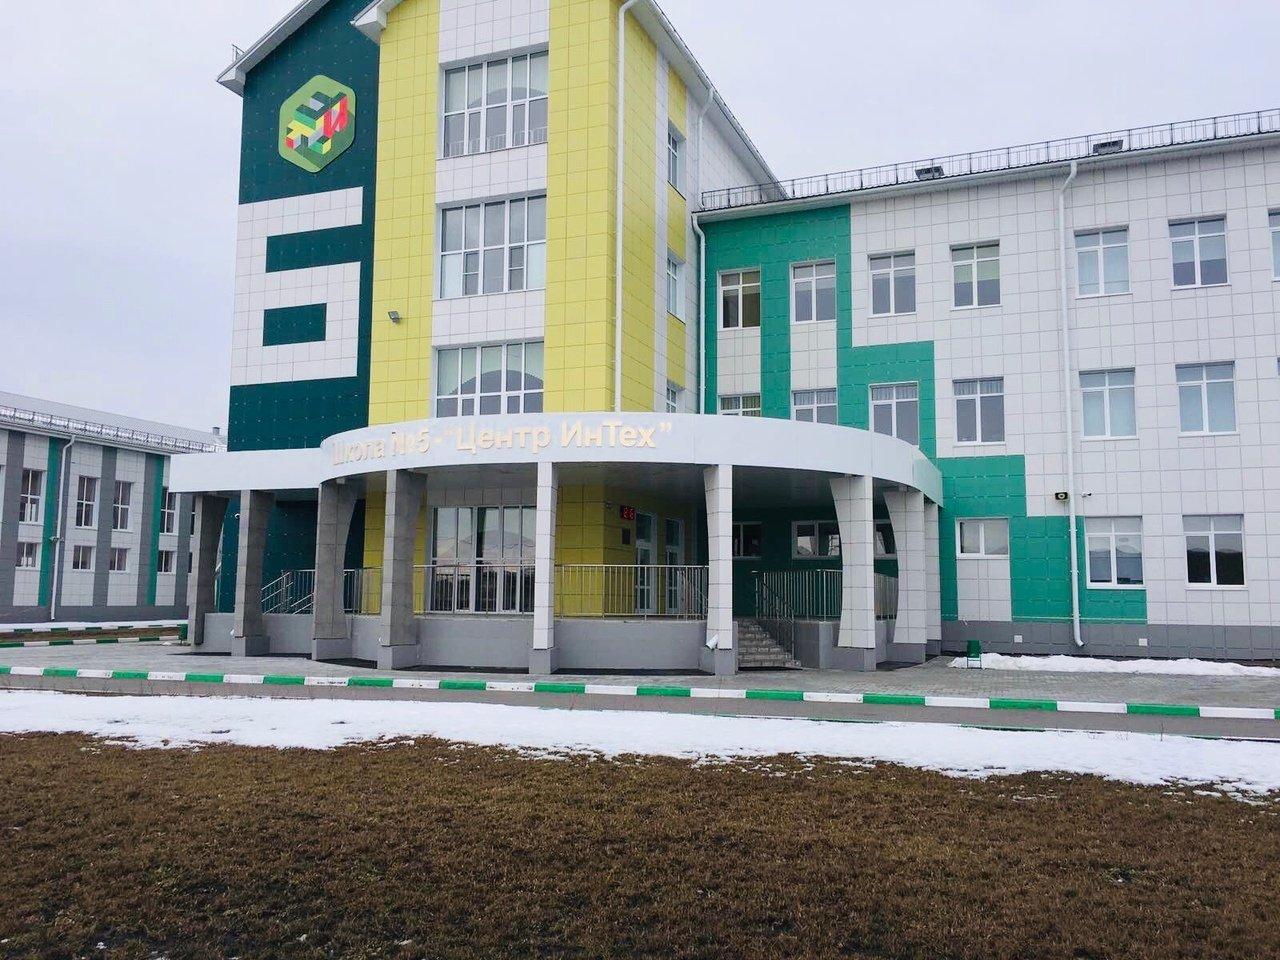 Тамбовский филиал РАНХиГС провел выездной день открытых дверей в Рассказово, фото-1